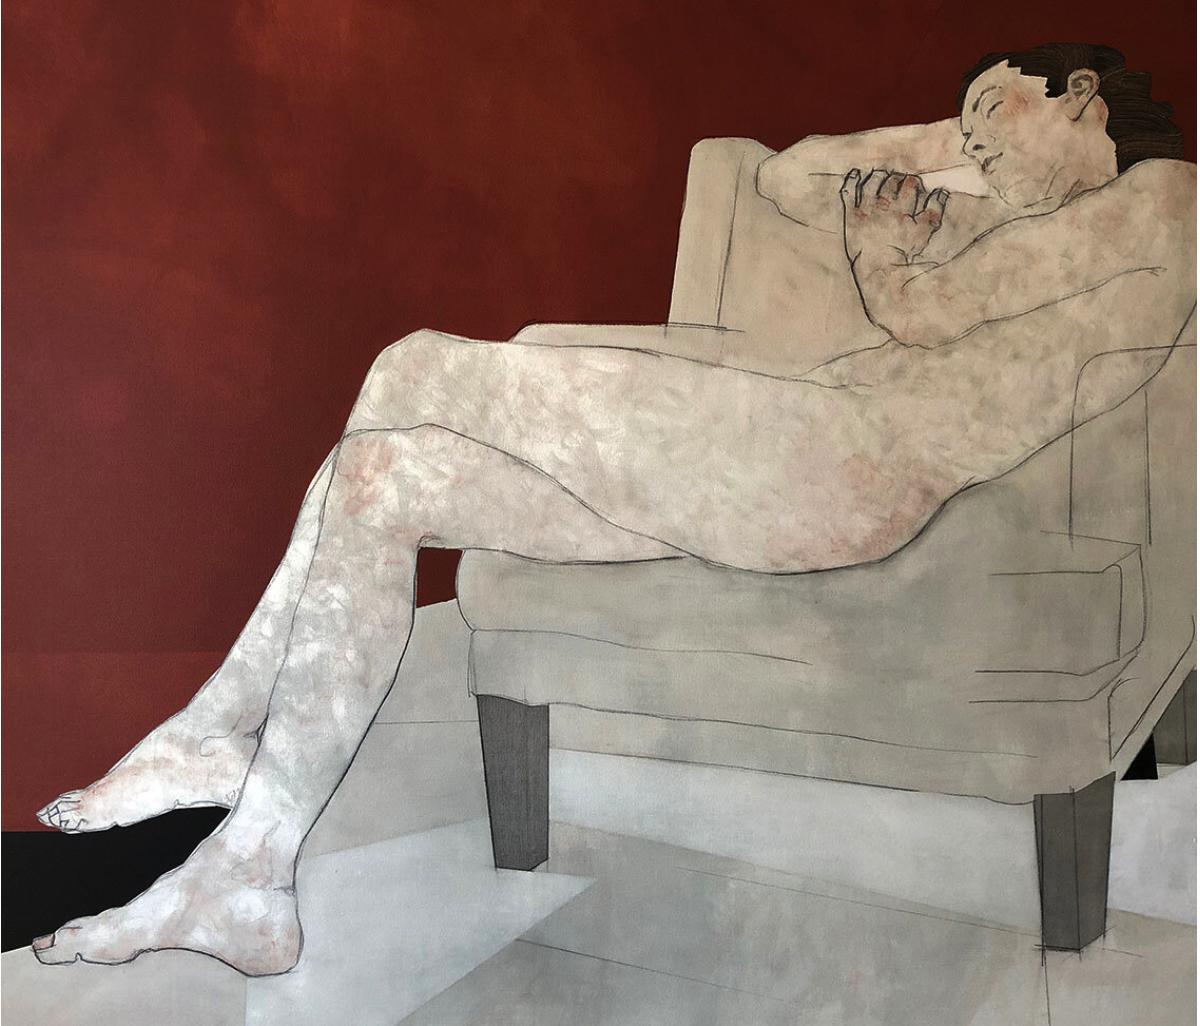 ODYSSEY artwork by Nikoleta Sekulovic